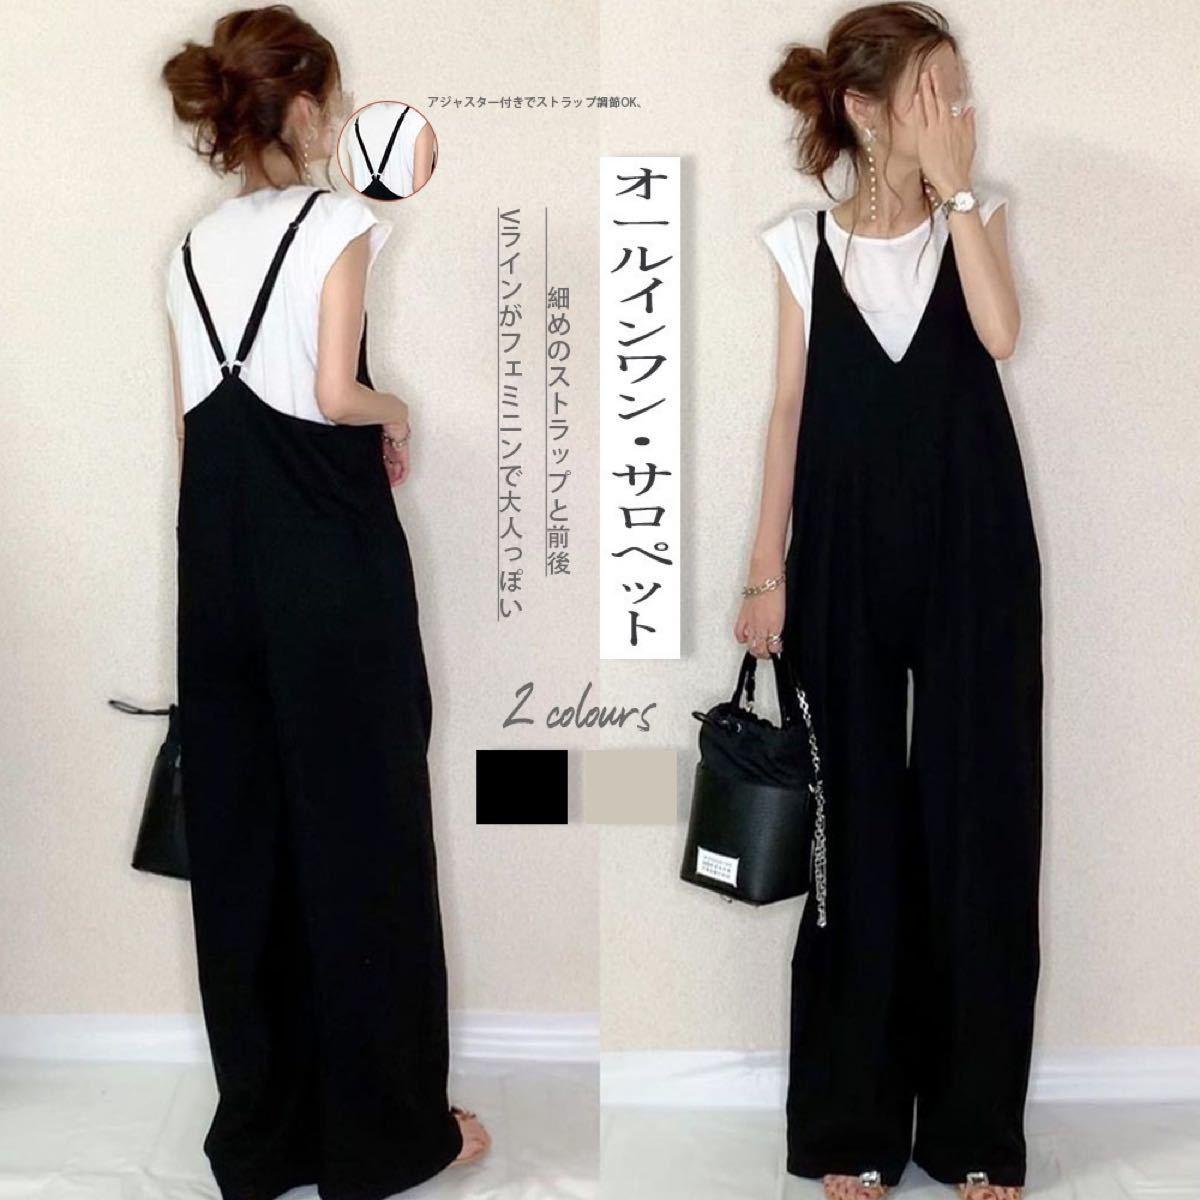 サロペット オールインワン オーバーオール  韓国  ワイドパンツ キャミ 黒